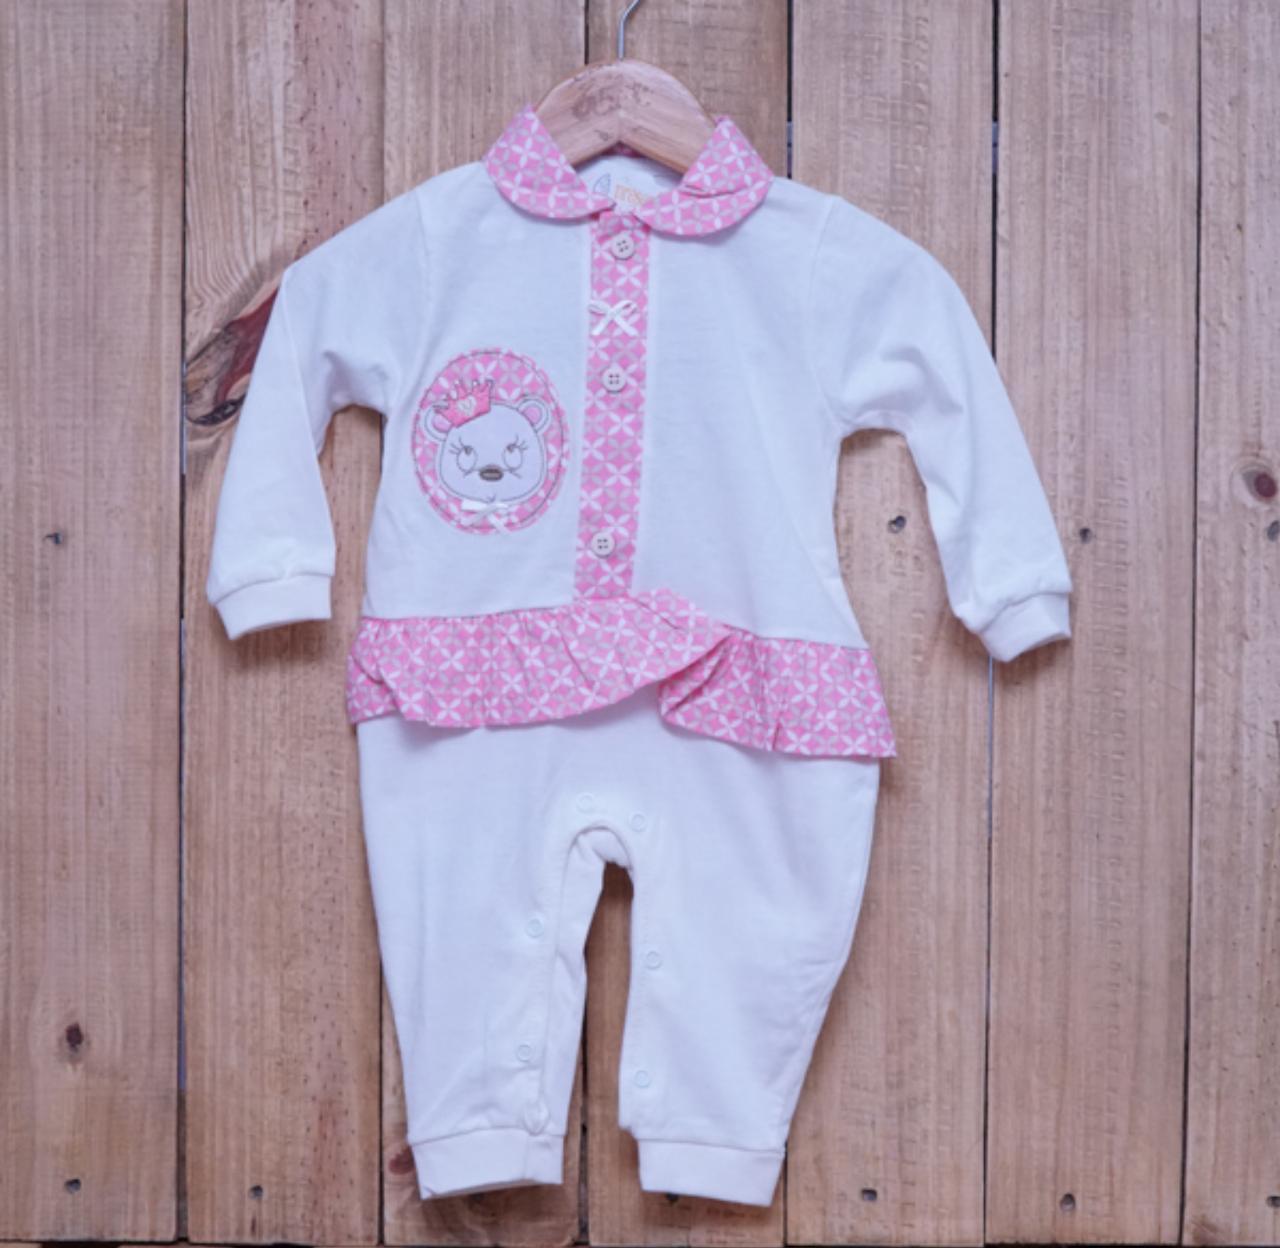 Macacão para Bebê com Detalhe em Strass e Bordado Ursinha com Coroa Off White